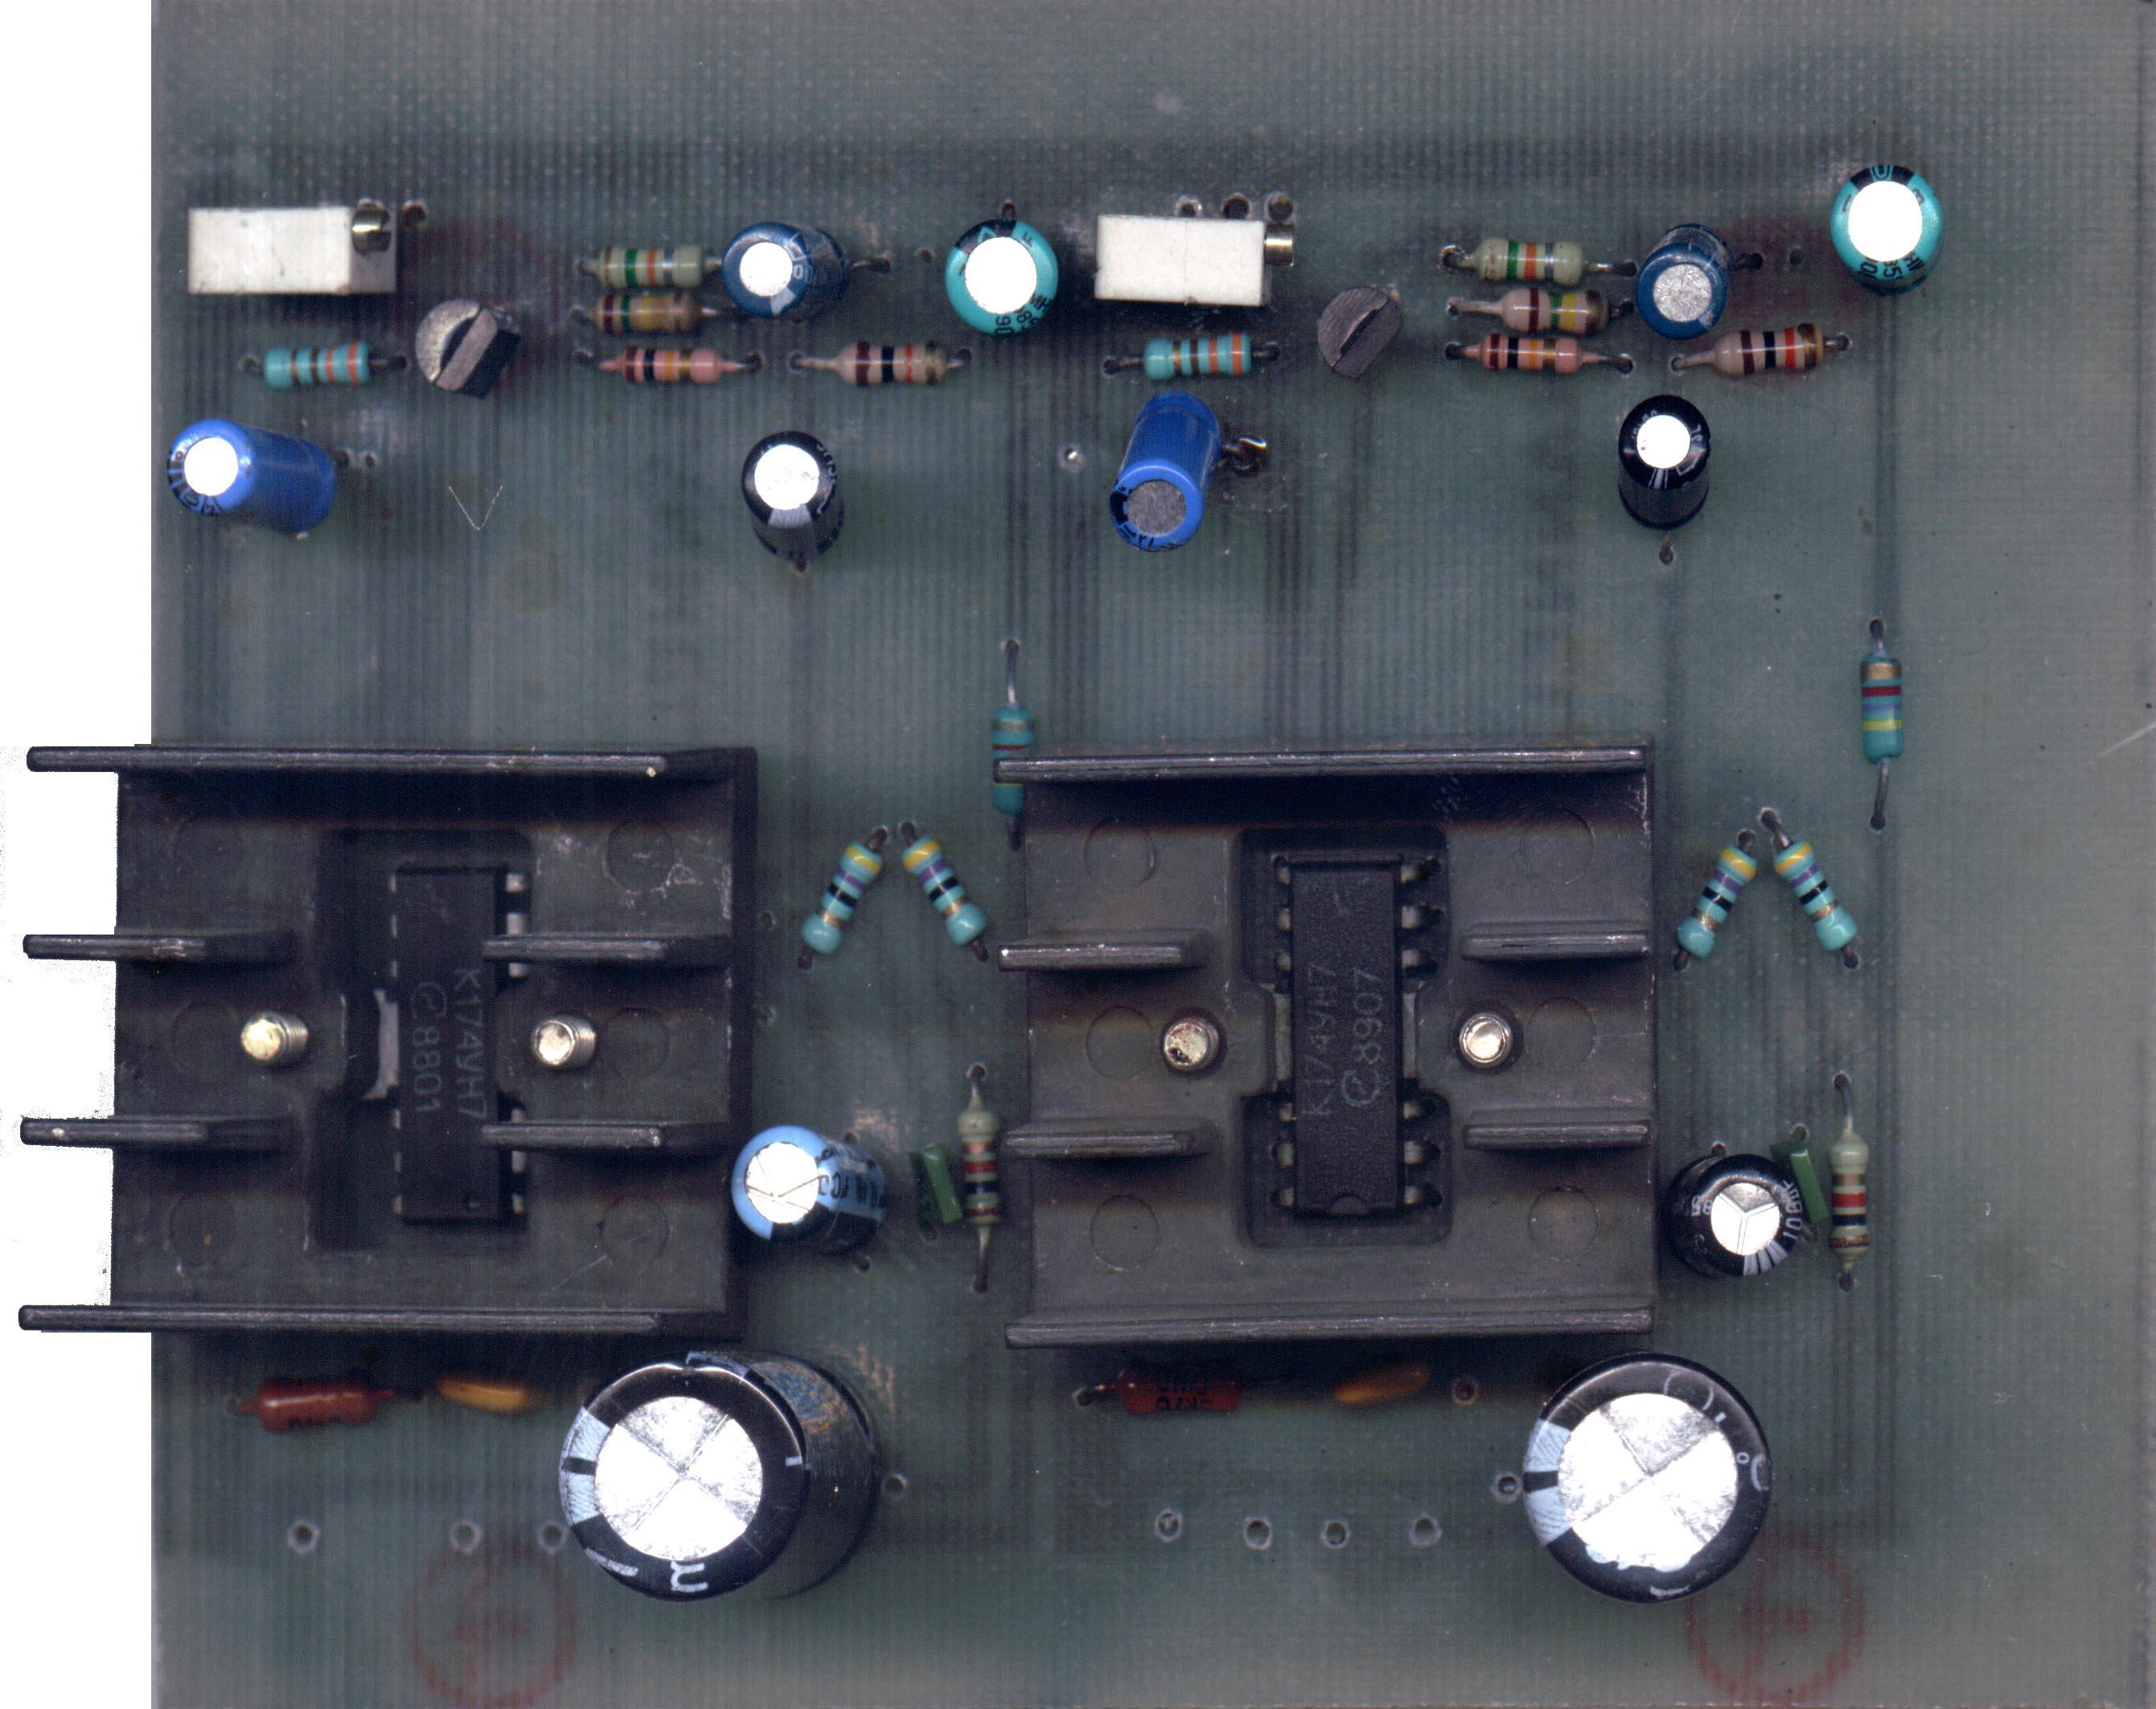 усилитель для наушников схема на 6н23п